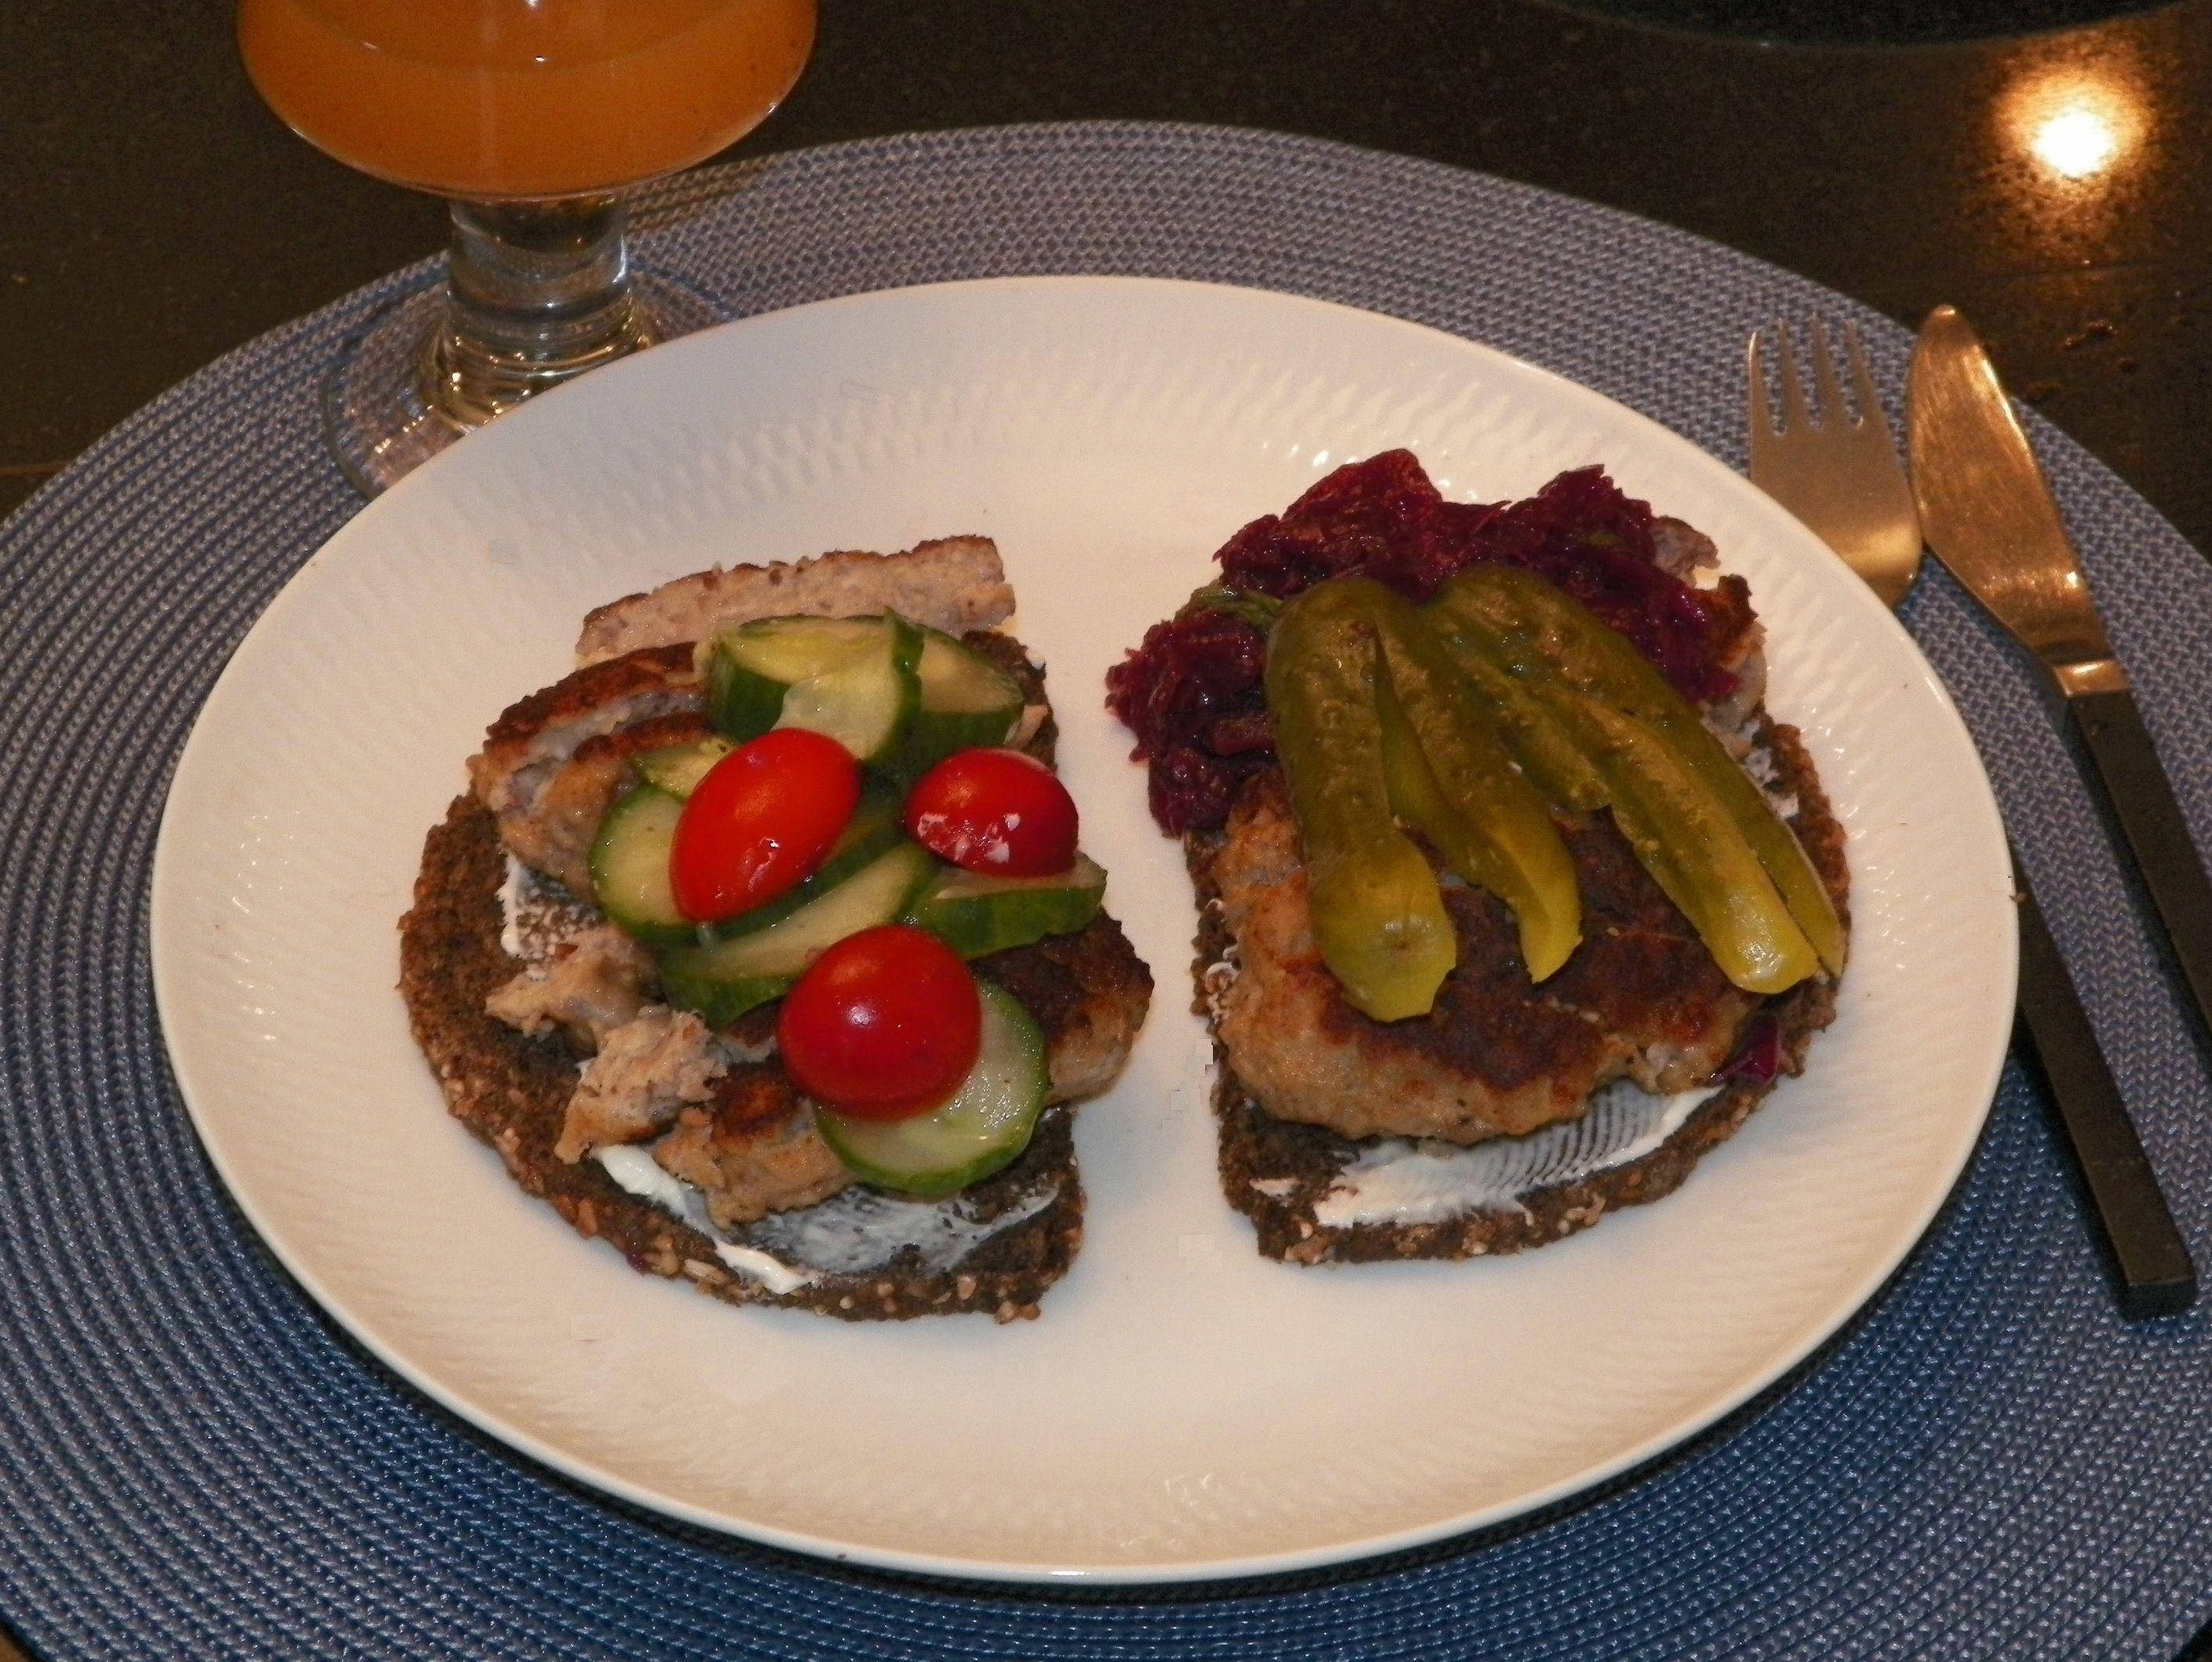 Scandinavian Today Cooking Show Scandinavian Food Homemade Meatballs Recipe Food And Drink